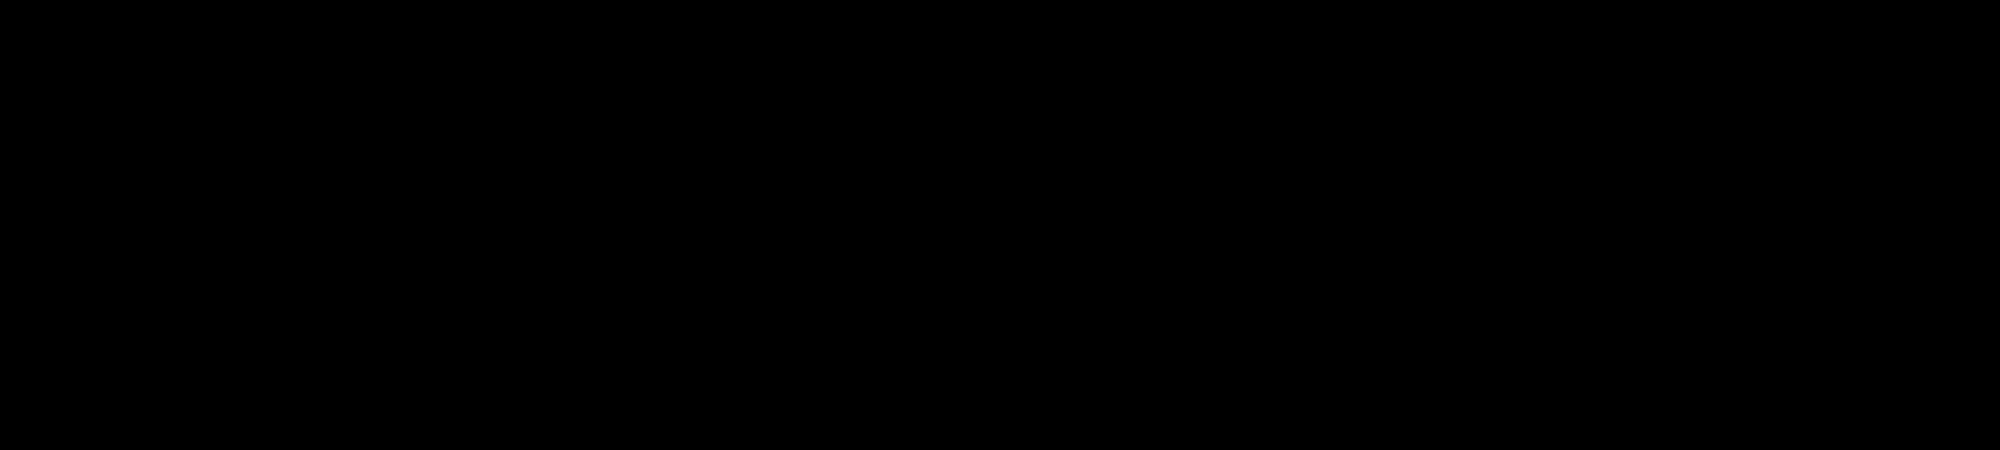 slider-hintergrund